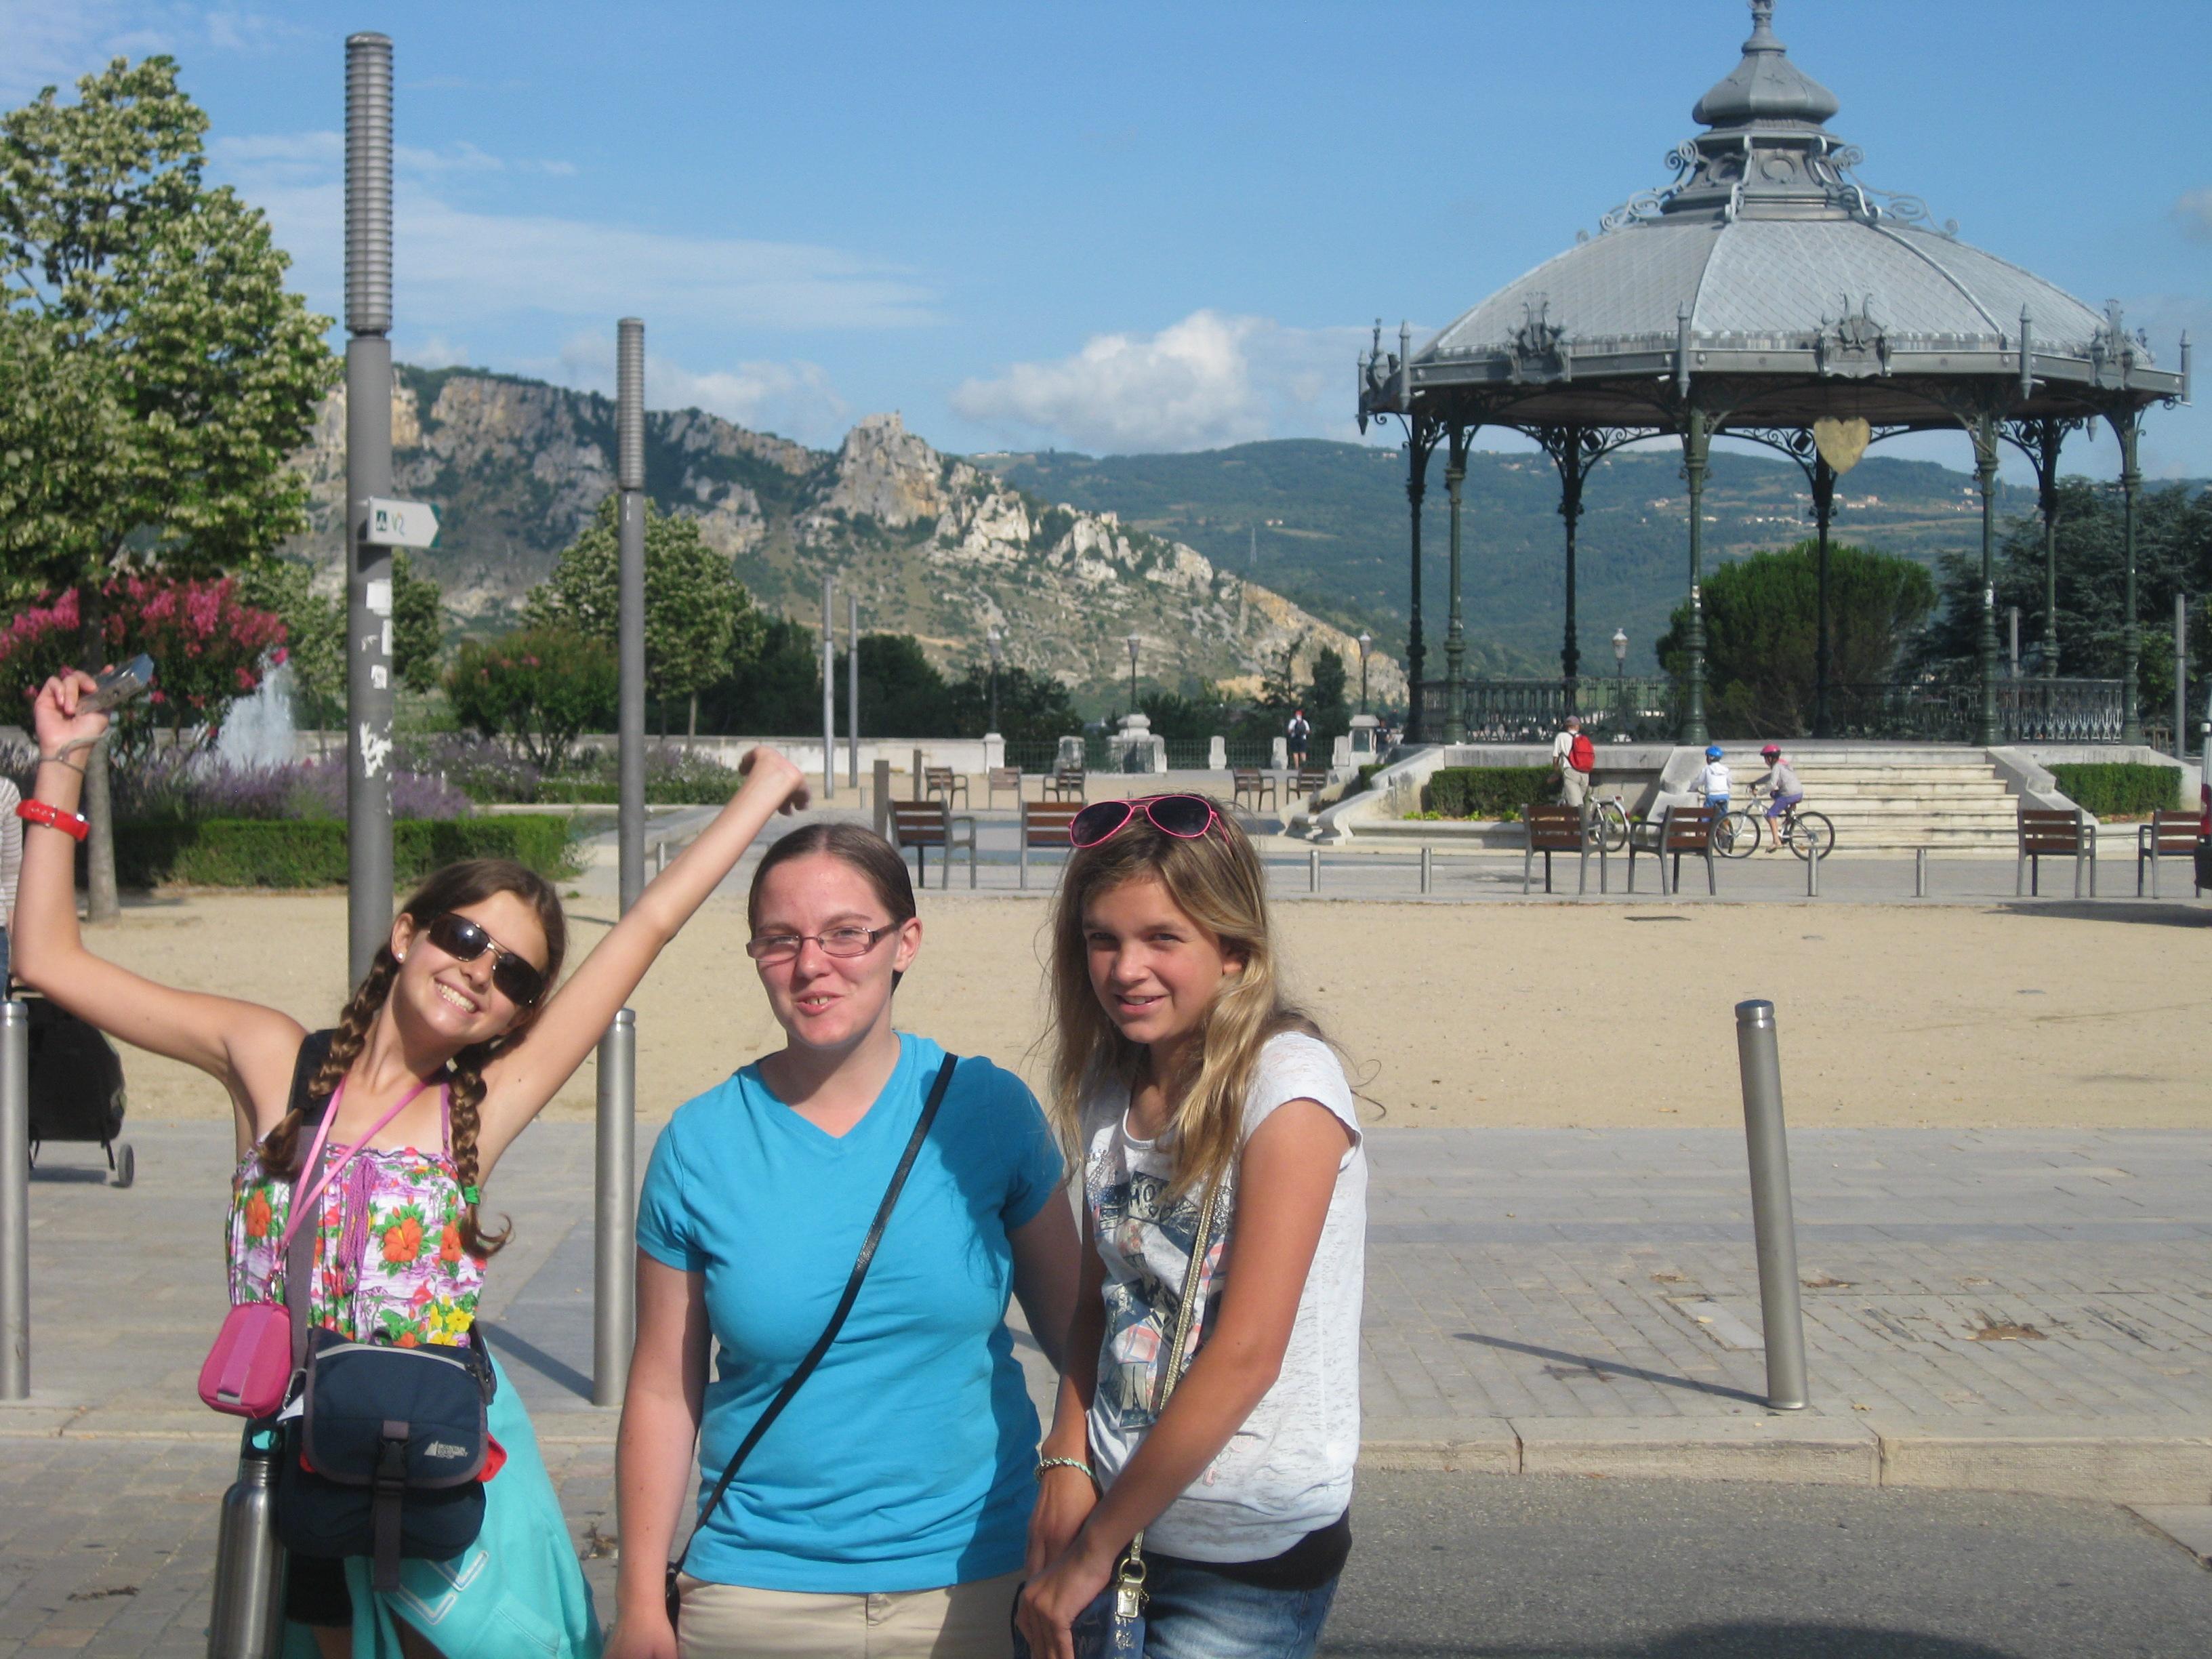 Quincy, Emily and Lauren at Parc Jouvet